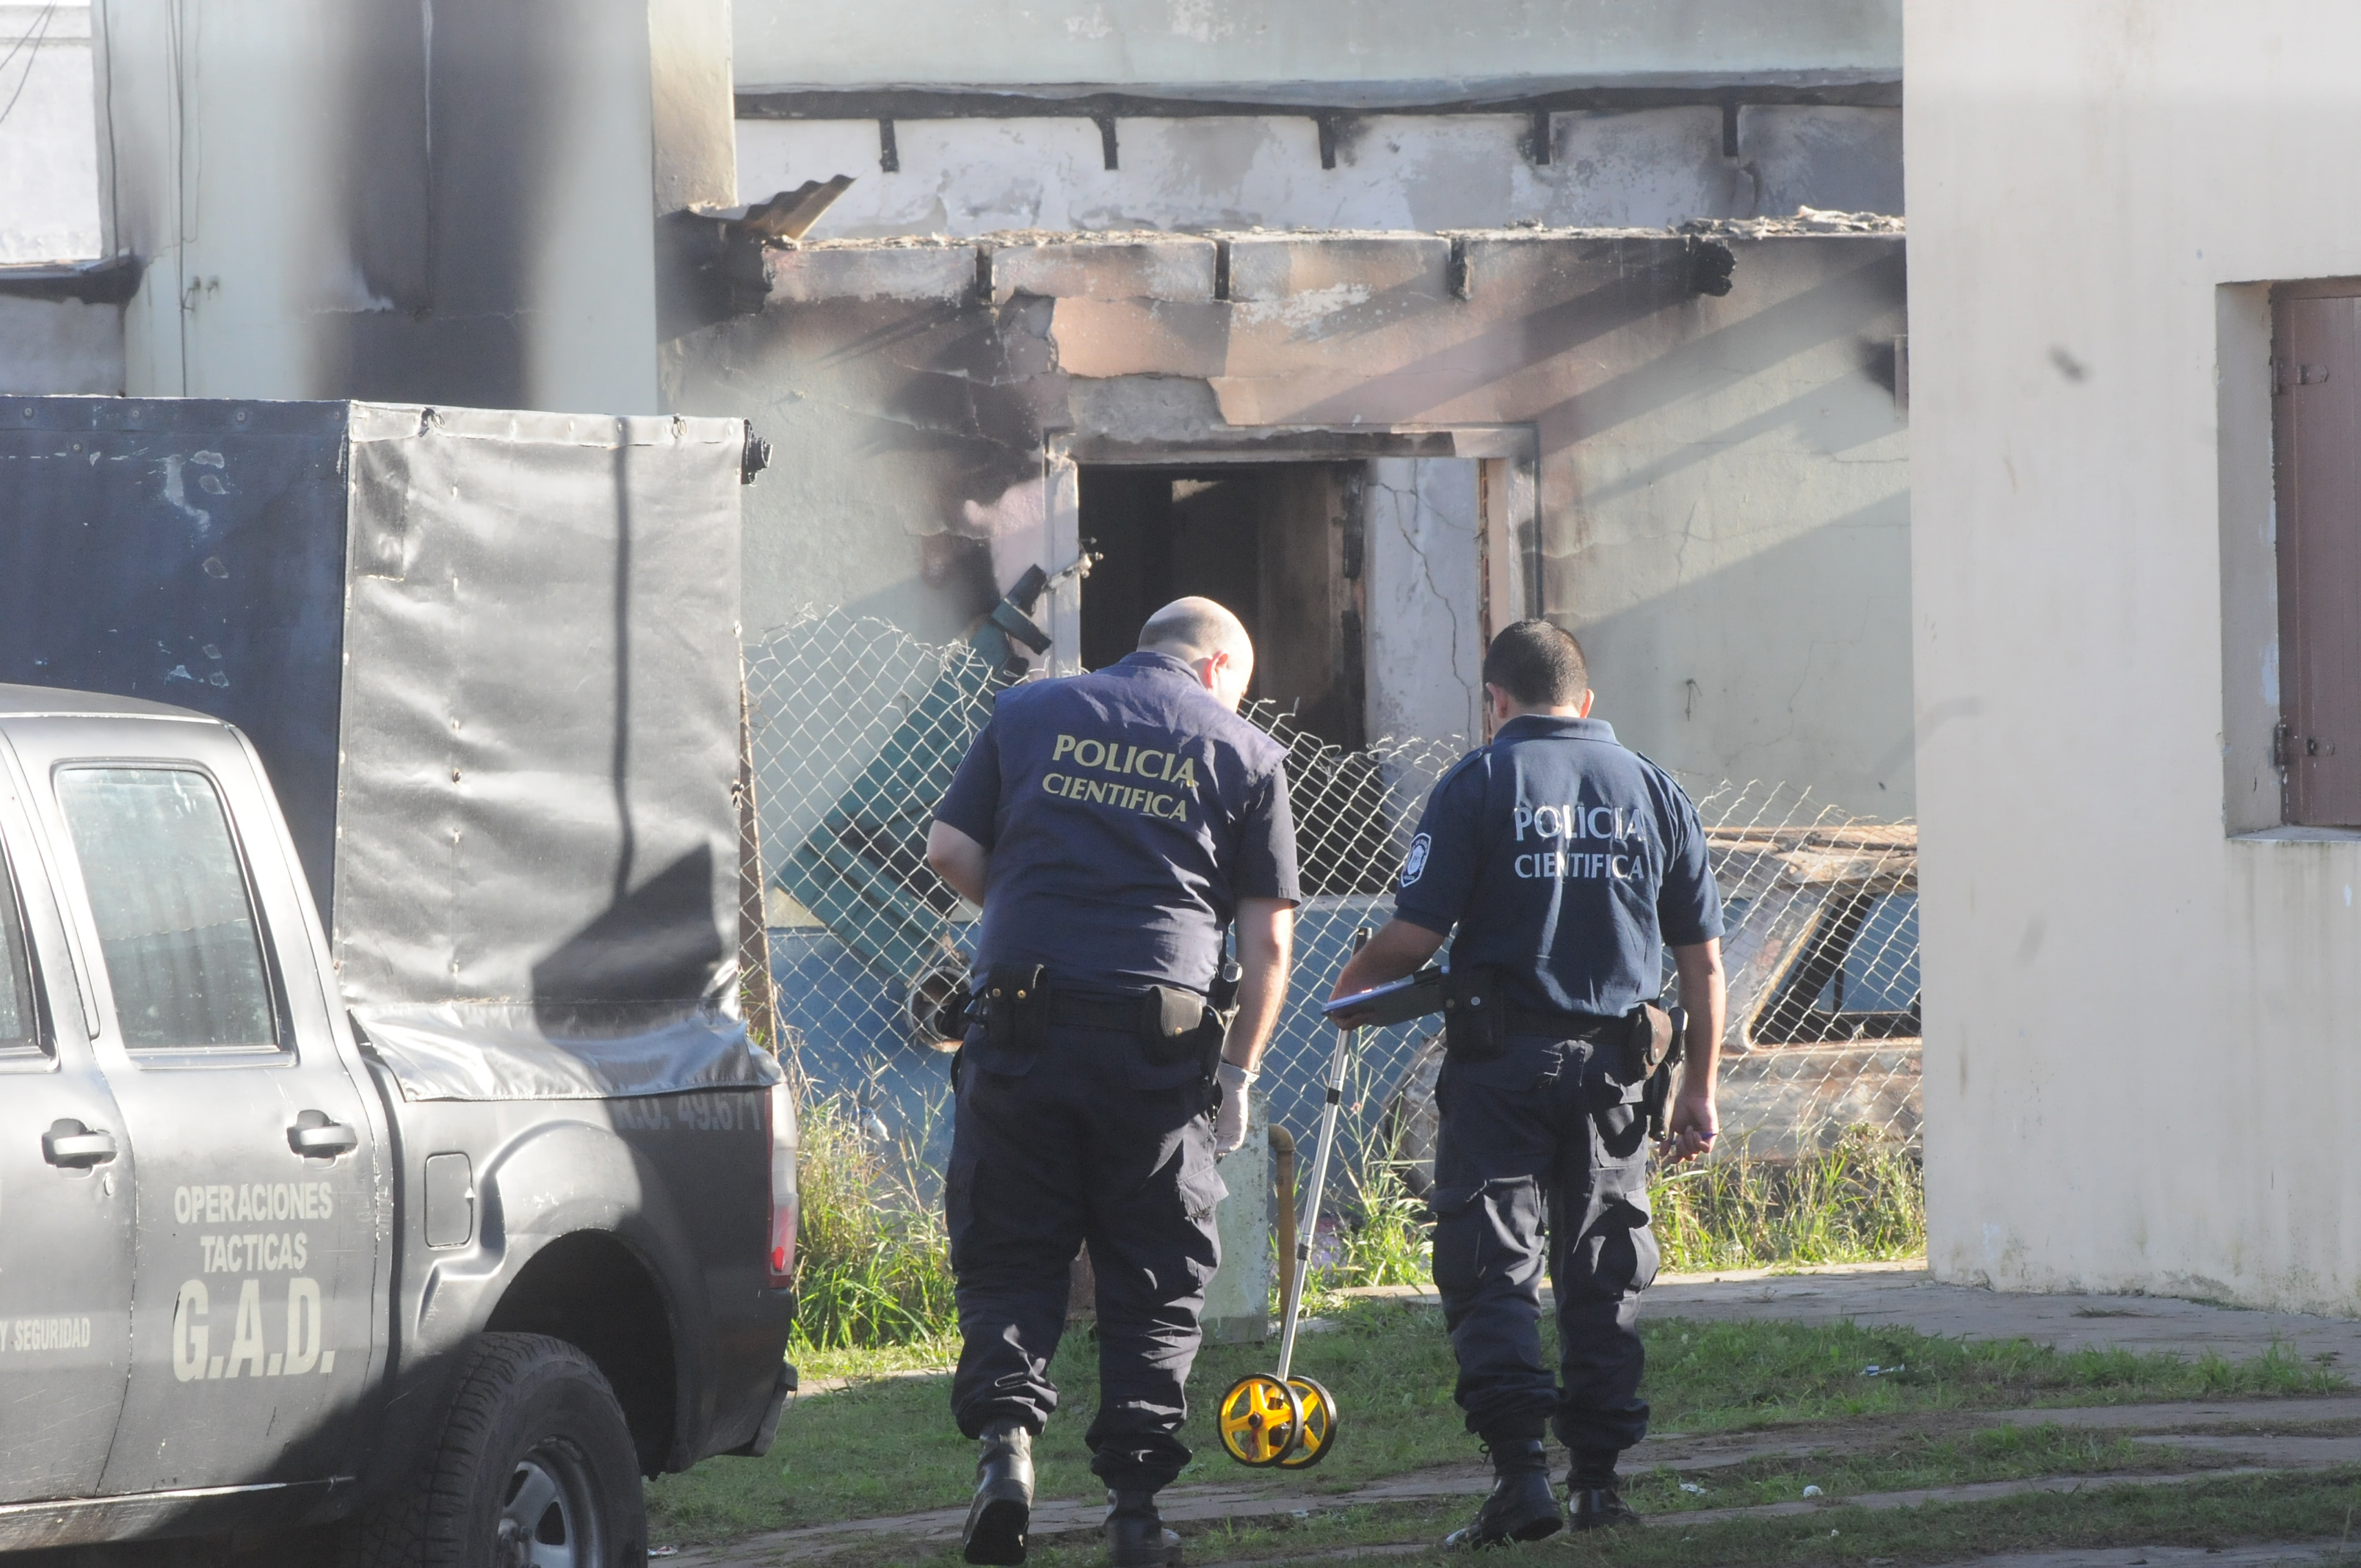 Recapturaron a preso que fugó después de tiroteo